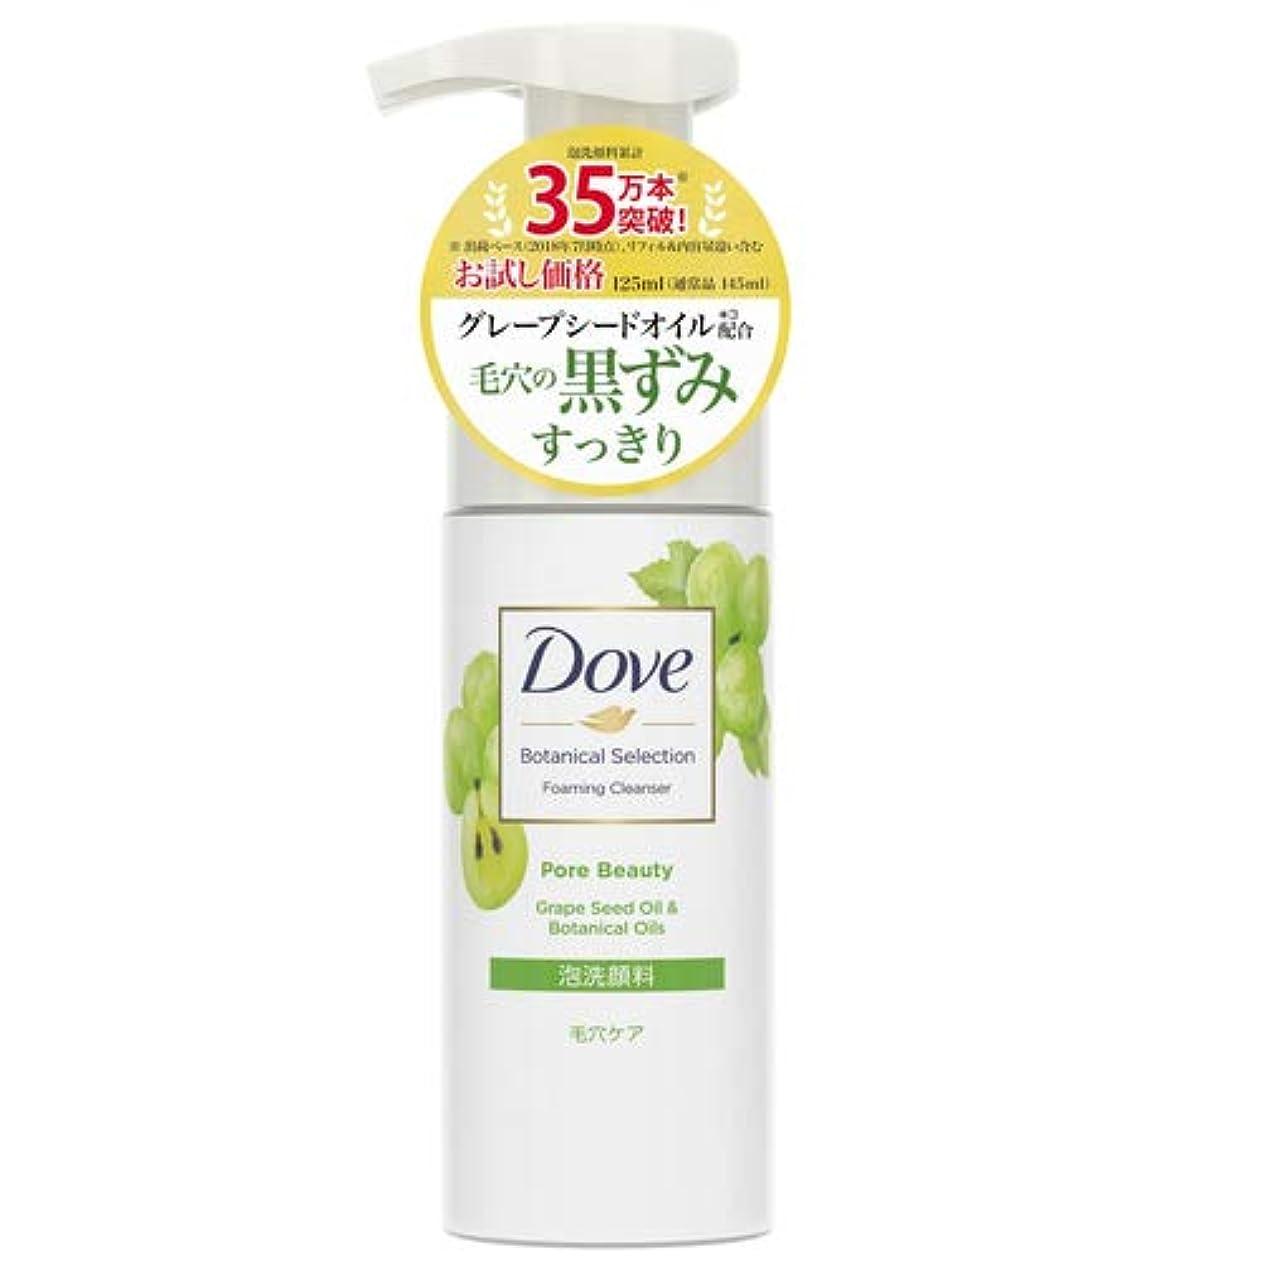 作り上げる画家膿瘍Dove(ダヴ) ダヴBポアビューティー泡洗顔お試し価格品125ML